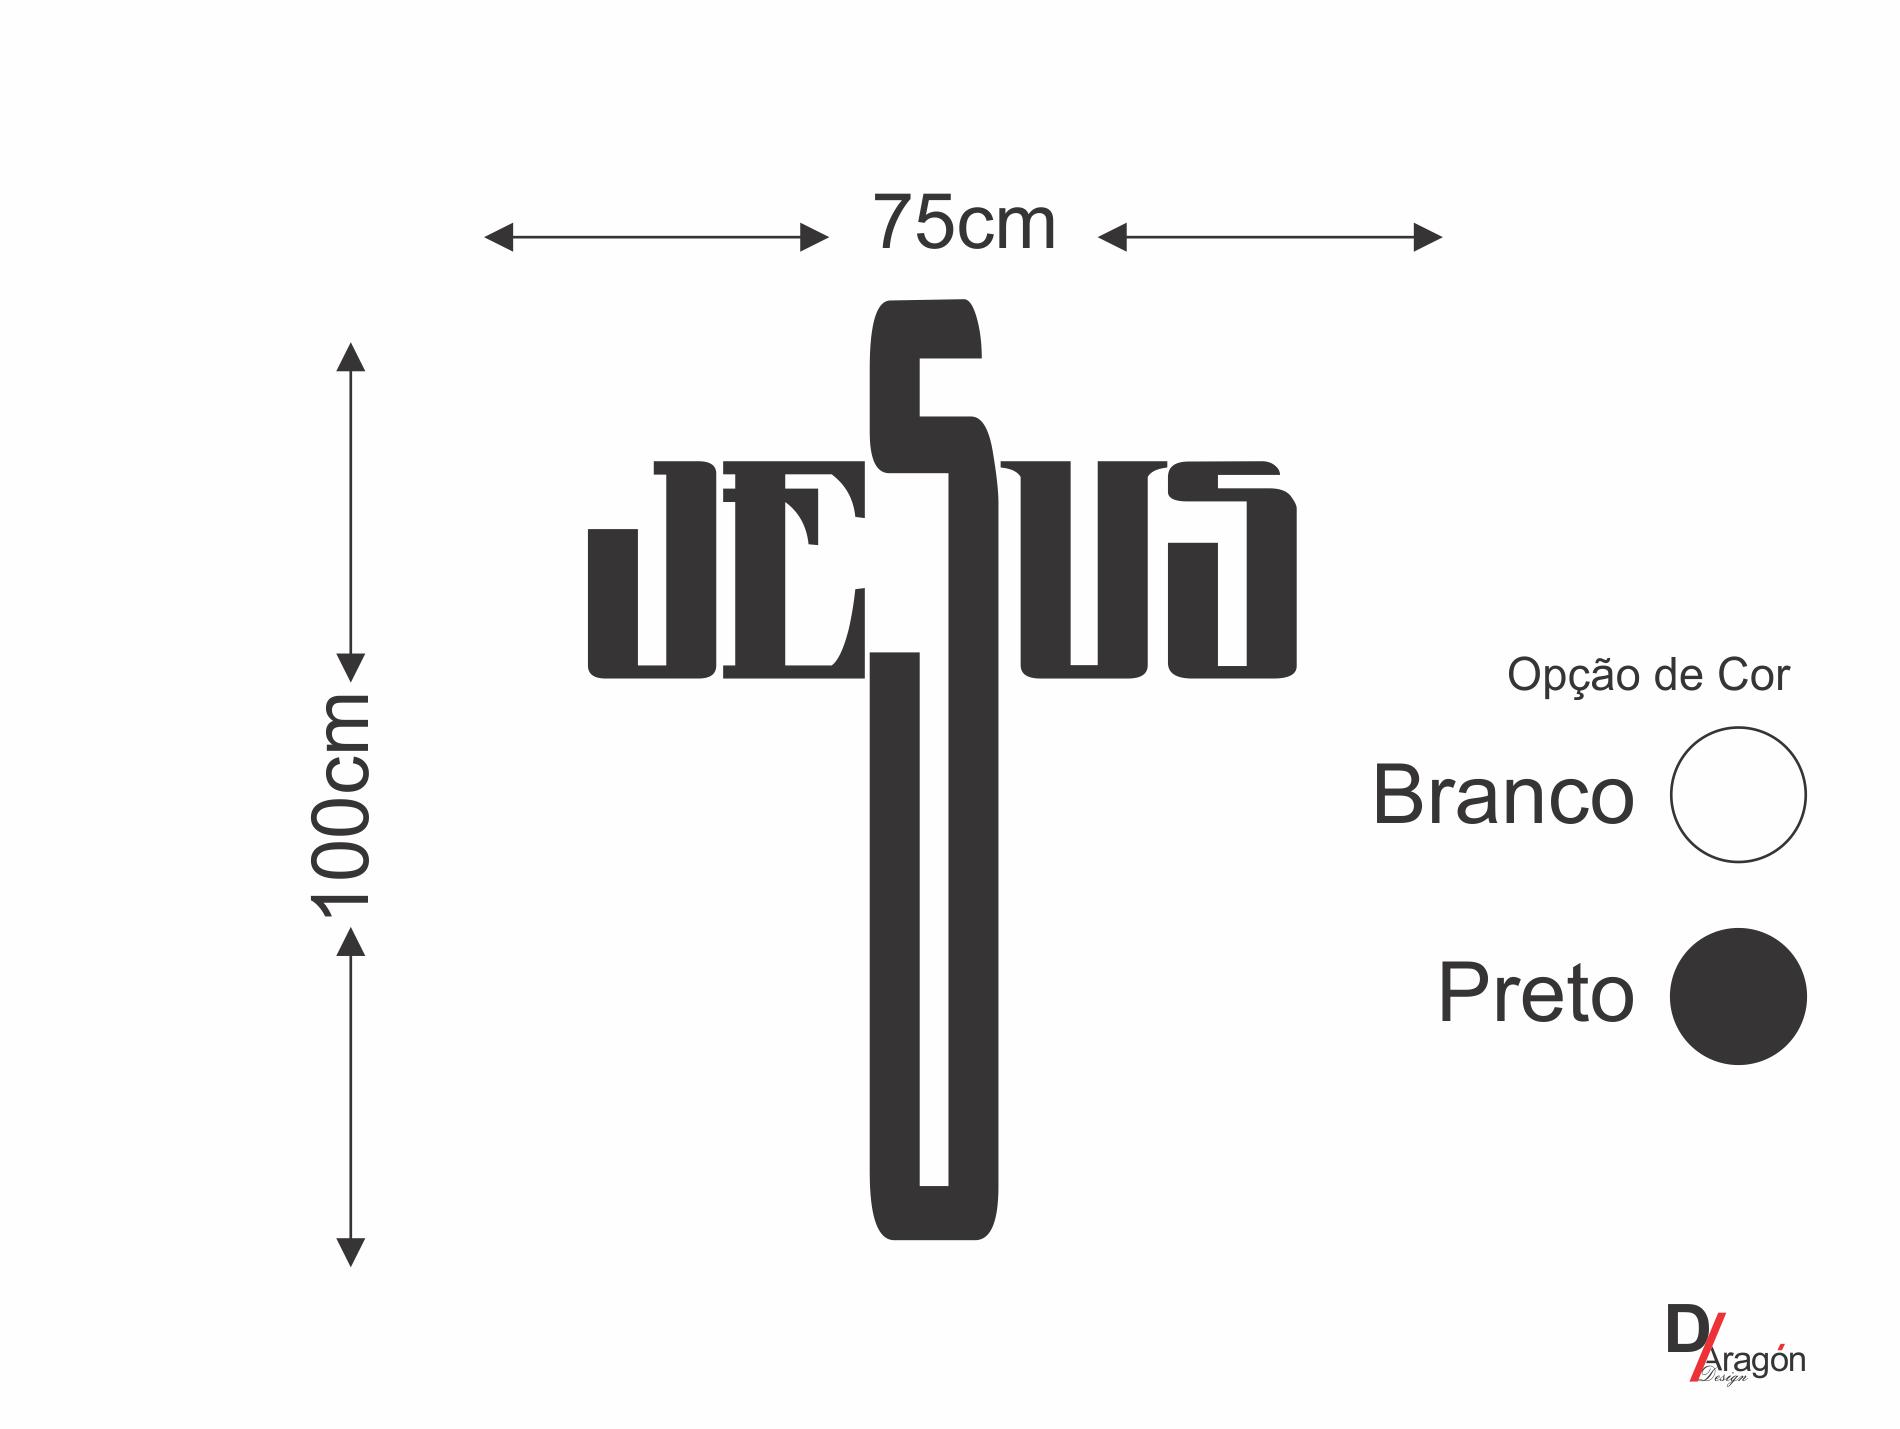 Adesivo de Parede Cabeceira da Cama Nome Jesus 140x75cm